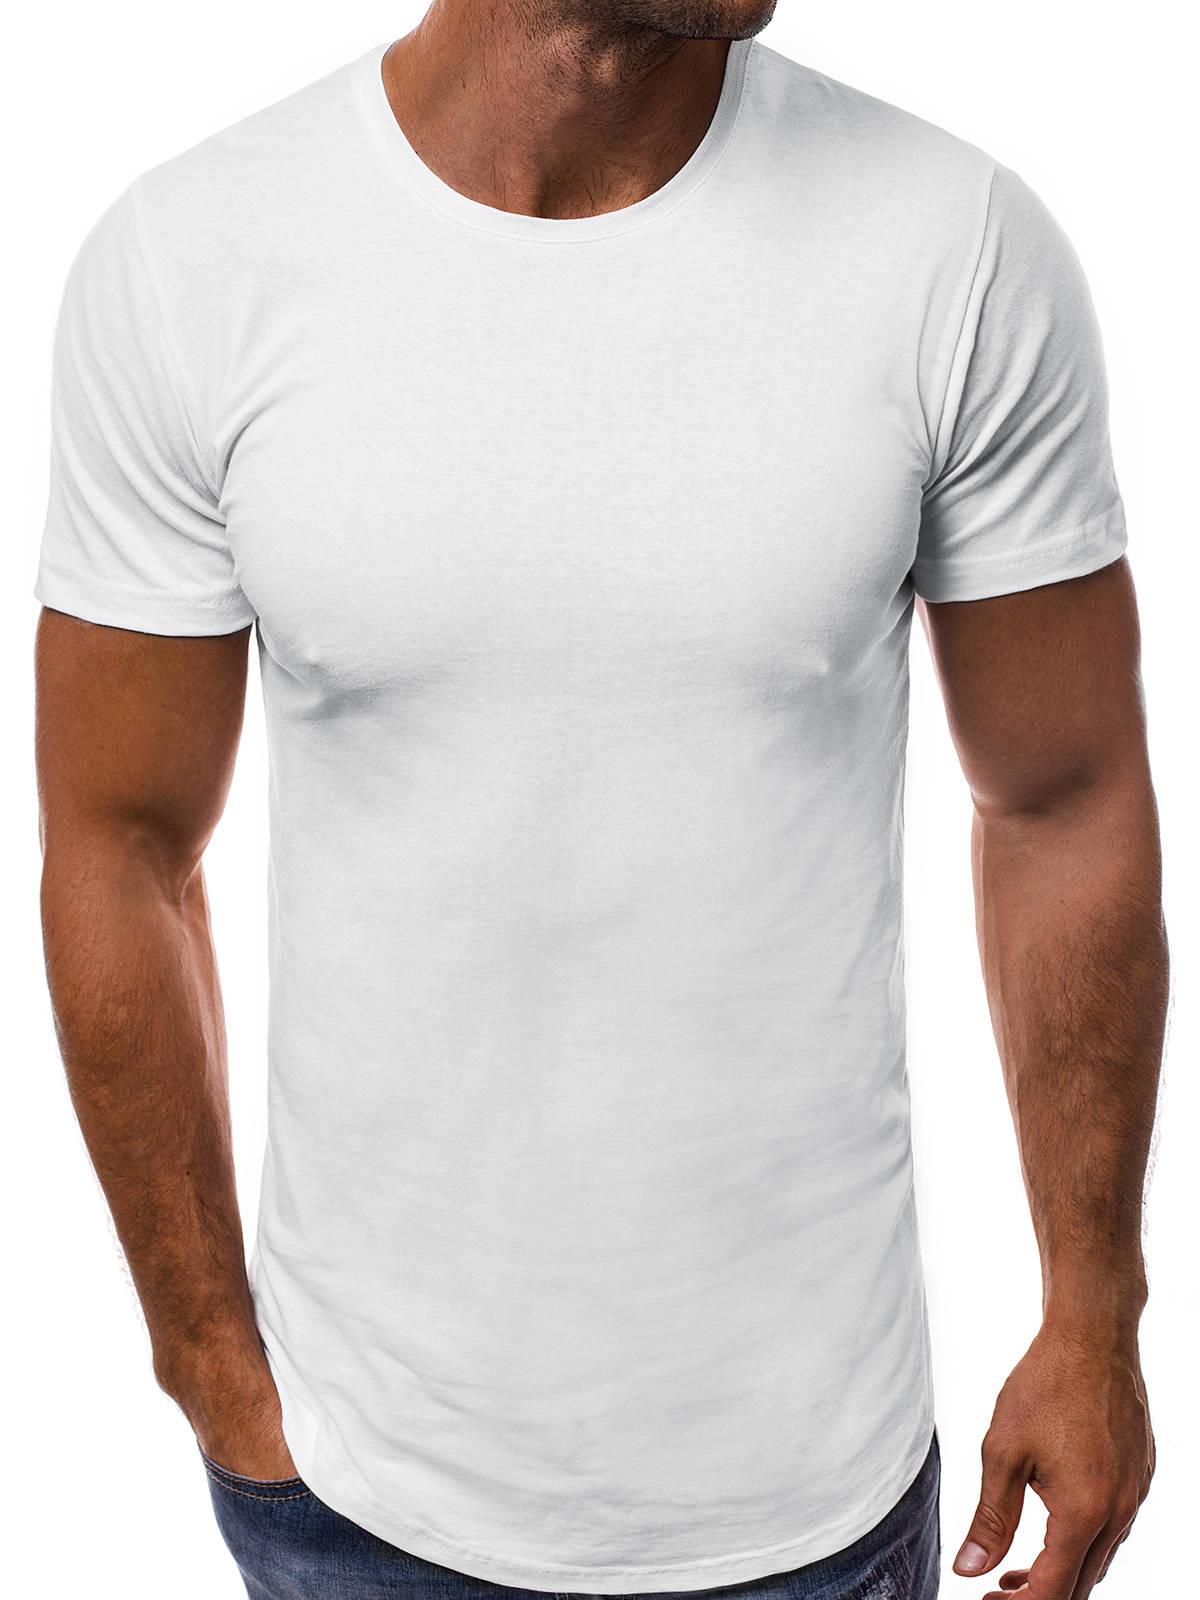 OZONEE-Herren-T-Shirt-Kurzarm-Shirt-Rundhals-Slim-Fit-Brusttasche-Basic-7424-MIX